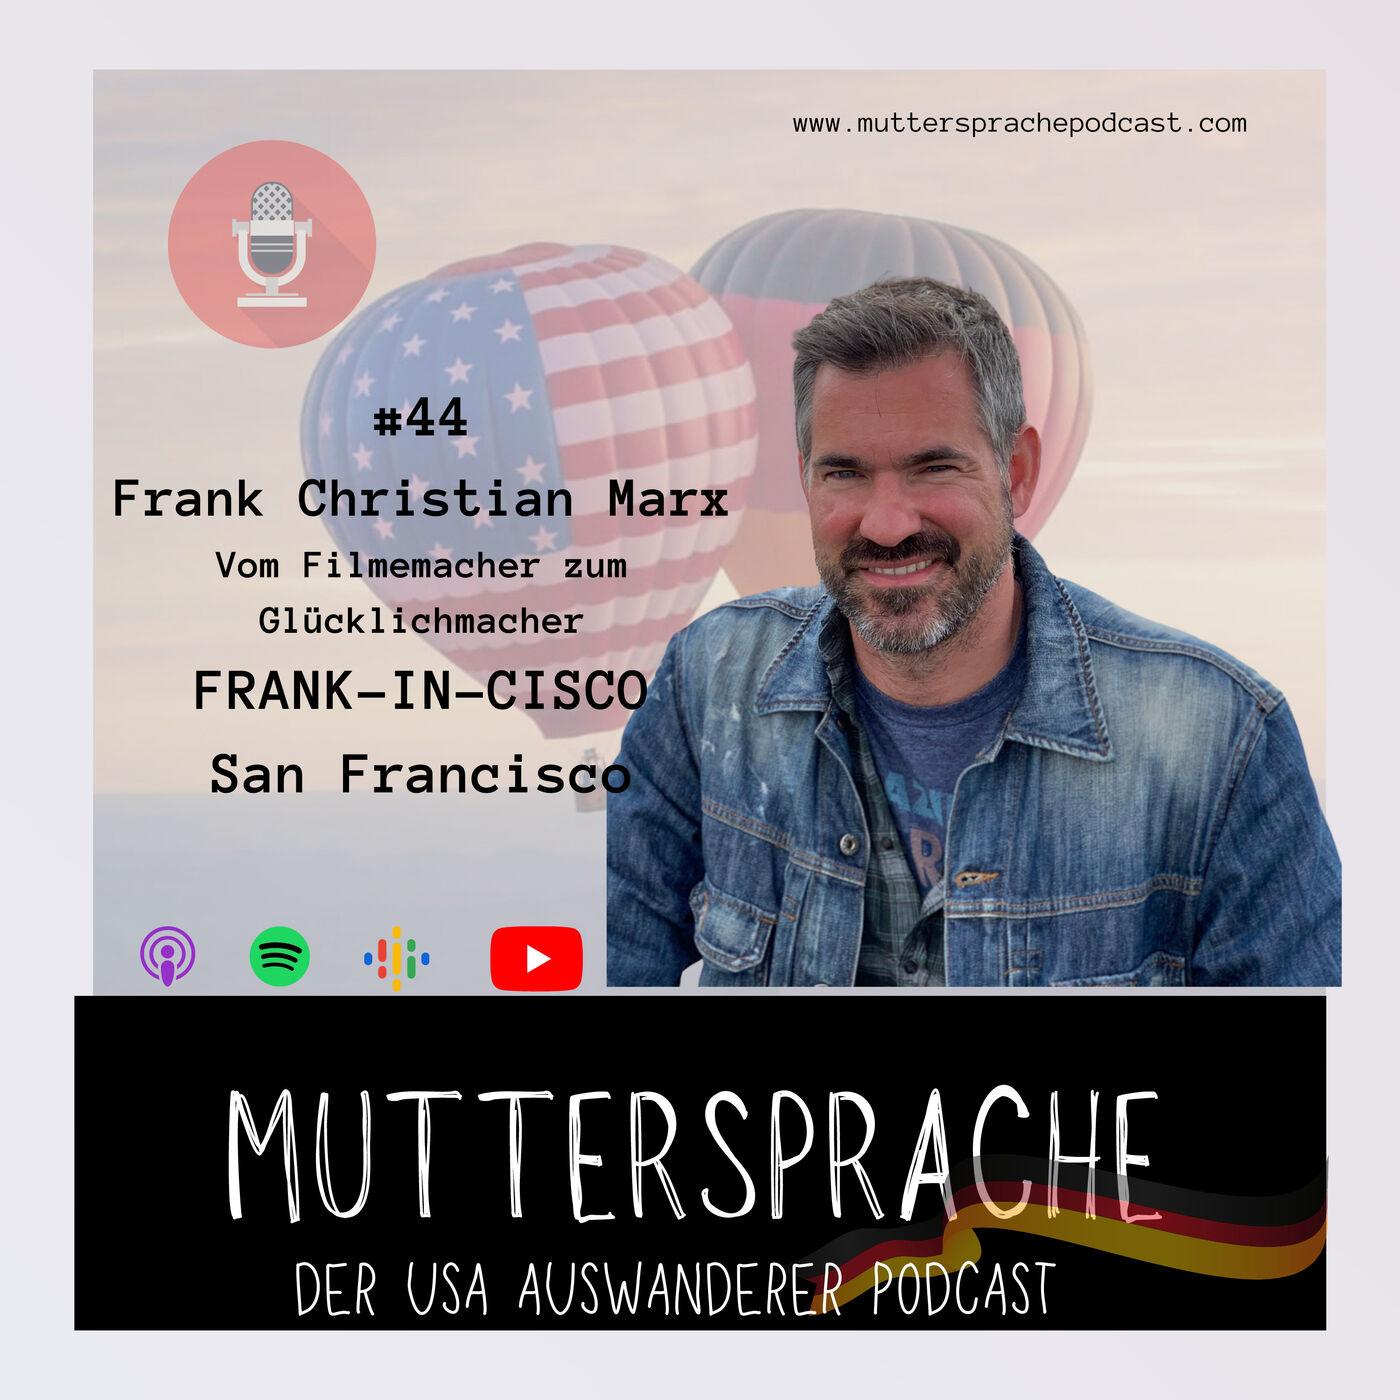 Folge 44: Vom Filmemacher zum Glücklichmacher - Frank Christian Marx (FRANK-IN-CISCO), San Francisco